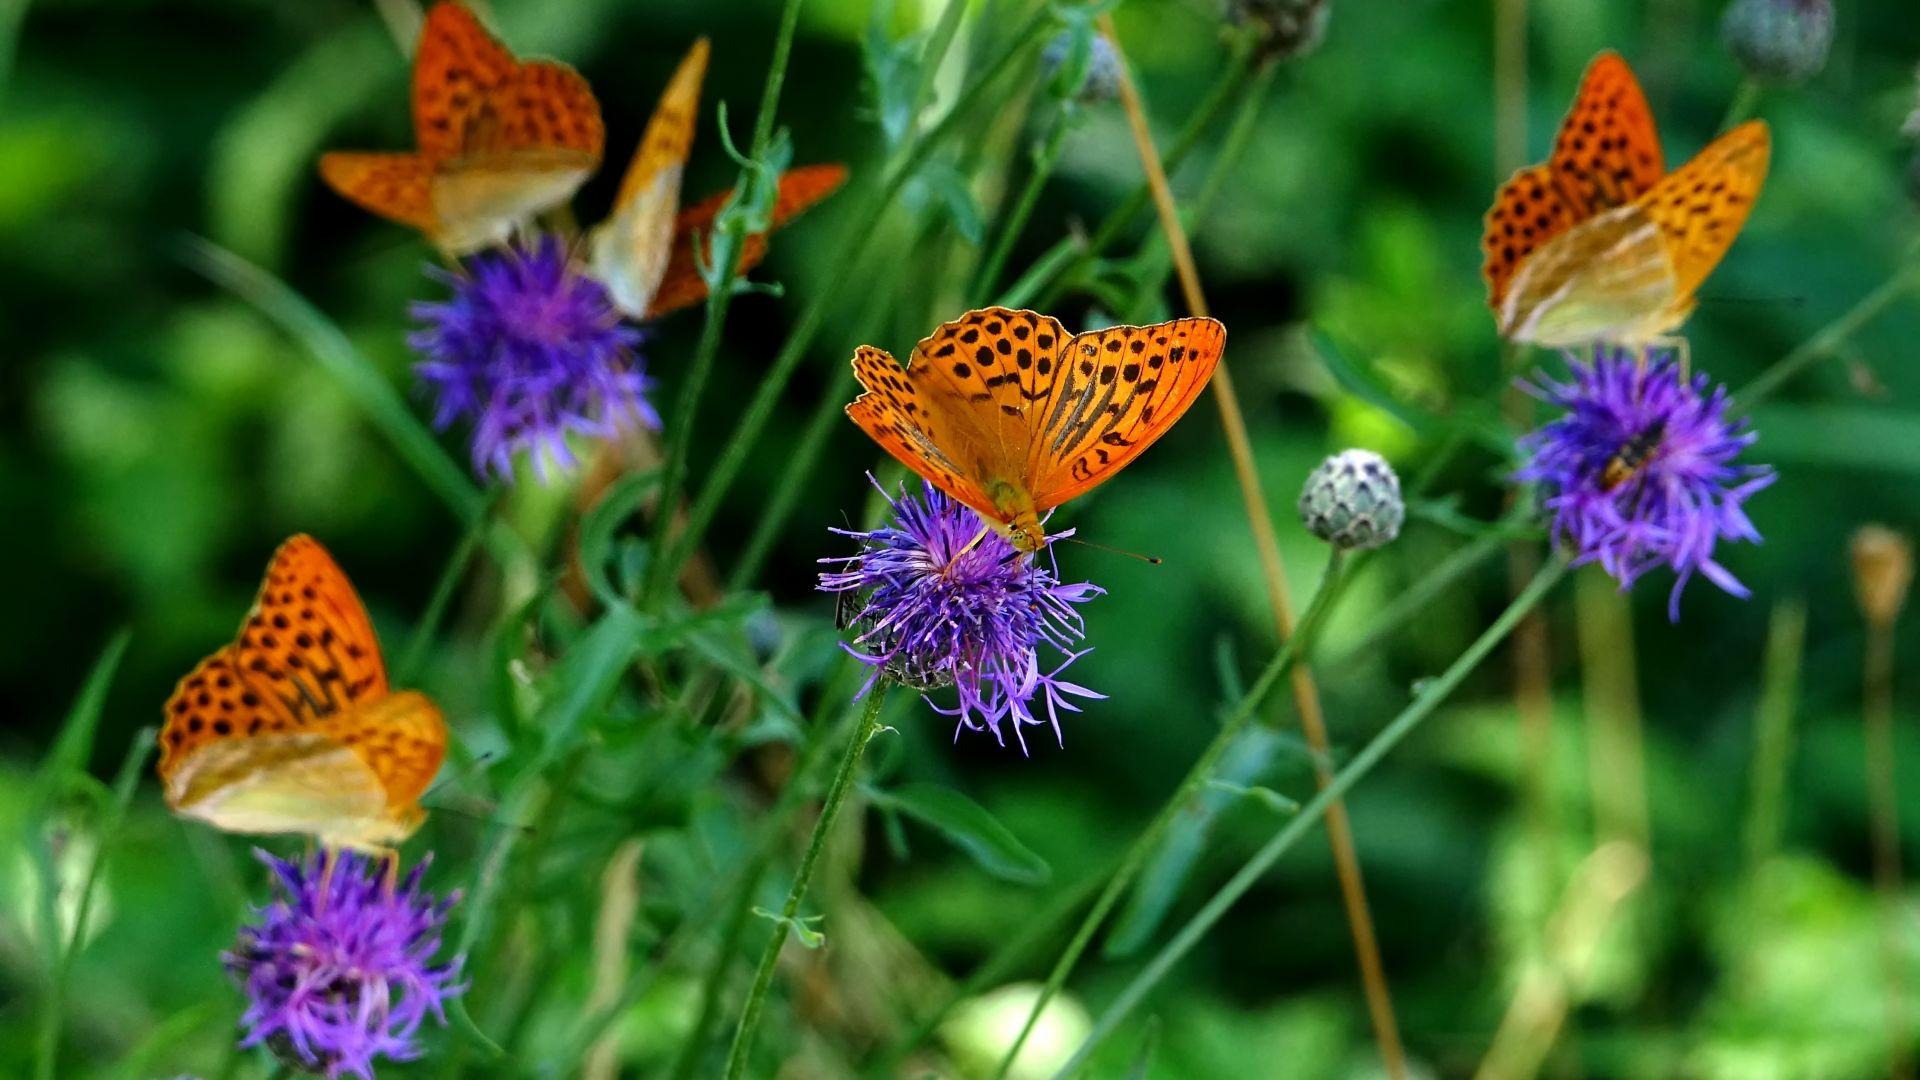 Desktop Wallpaper Orange Butterfly Flowers Meadow 4k Hd Image Picture Background 6d85f5